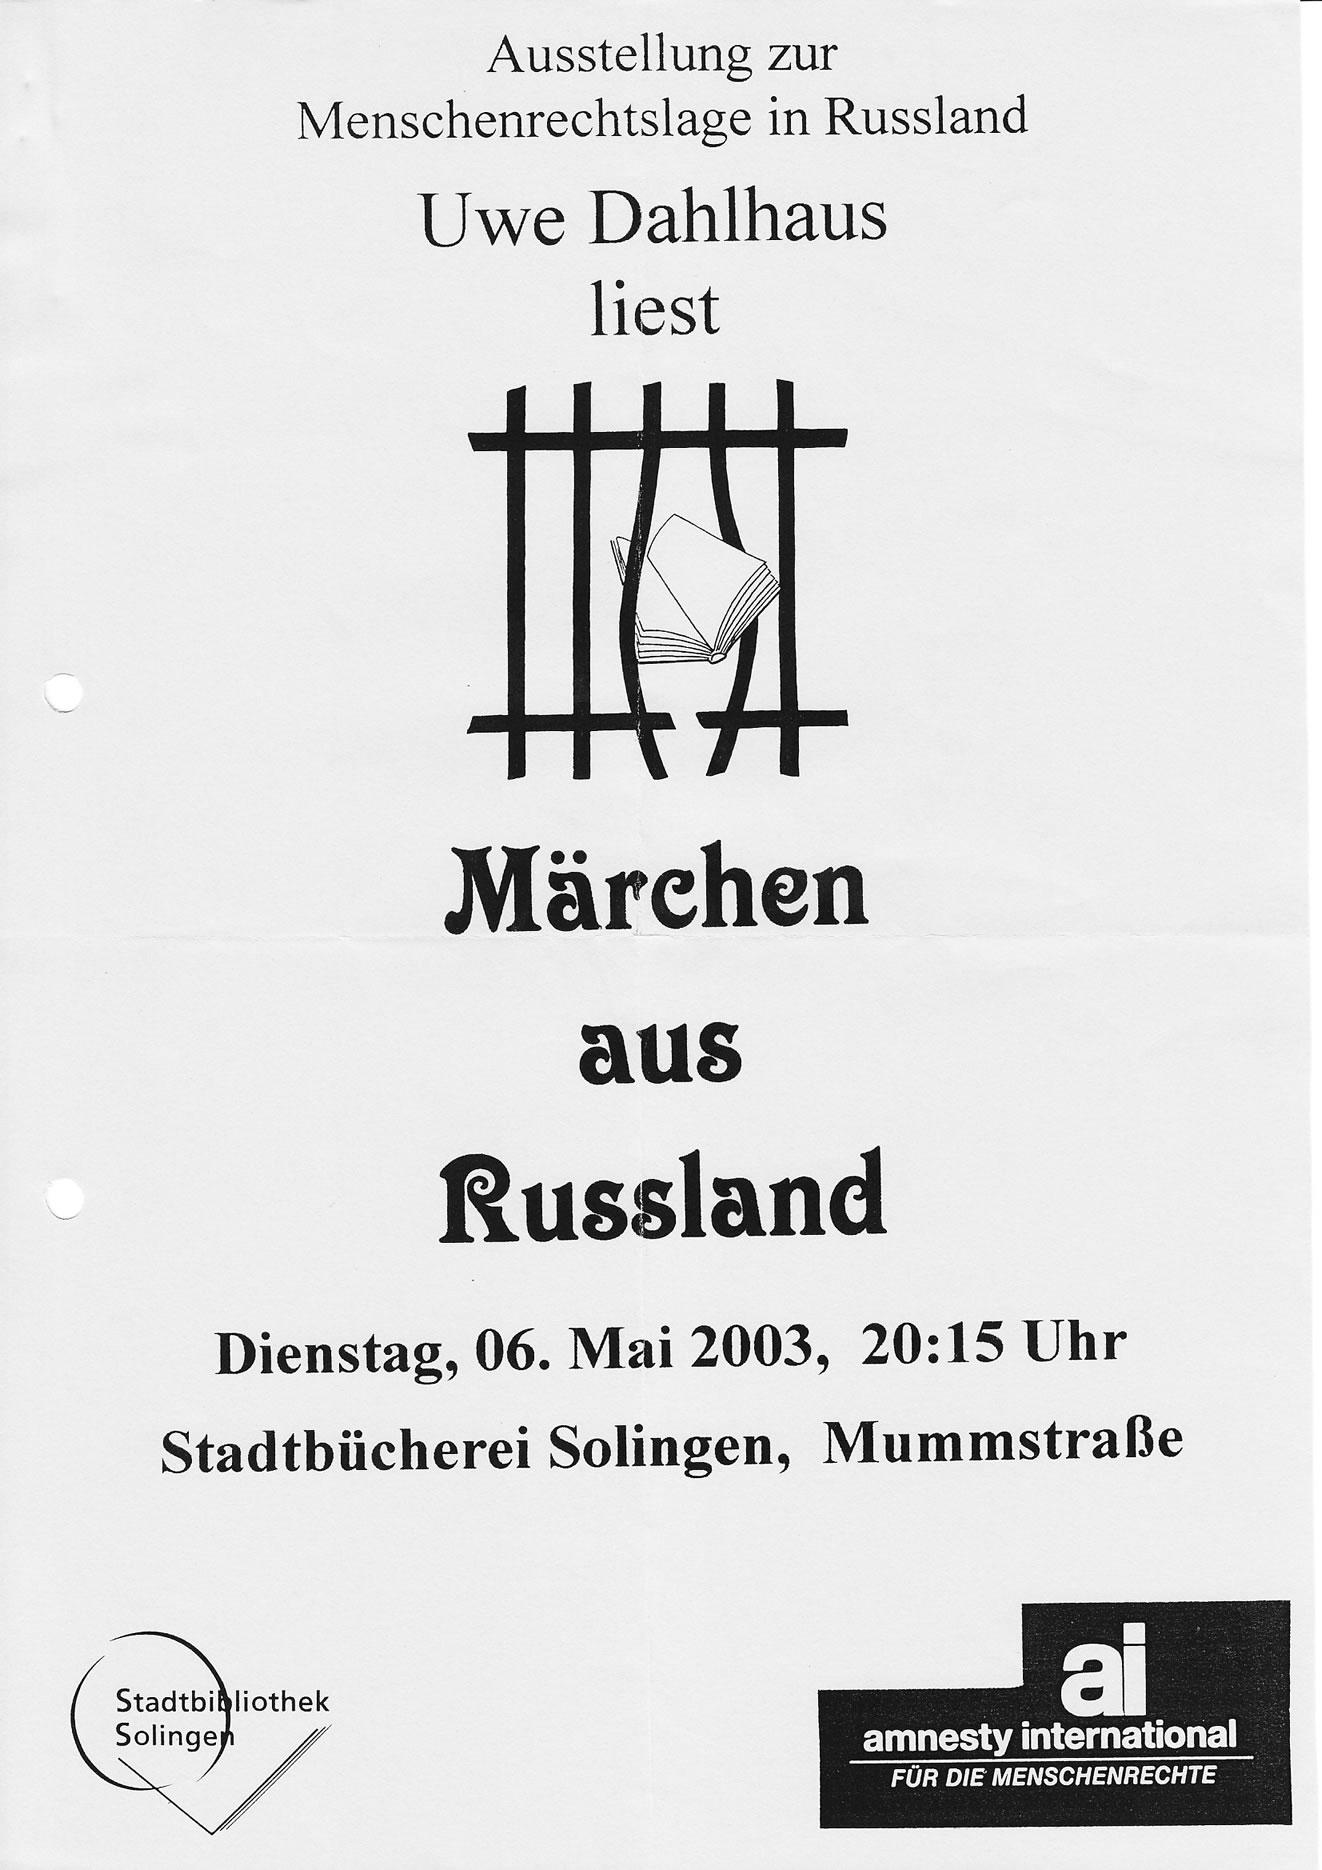 Pressemitteilung VHS 05/03: Lesung mit Uwe Dahlhaus zu Russland